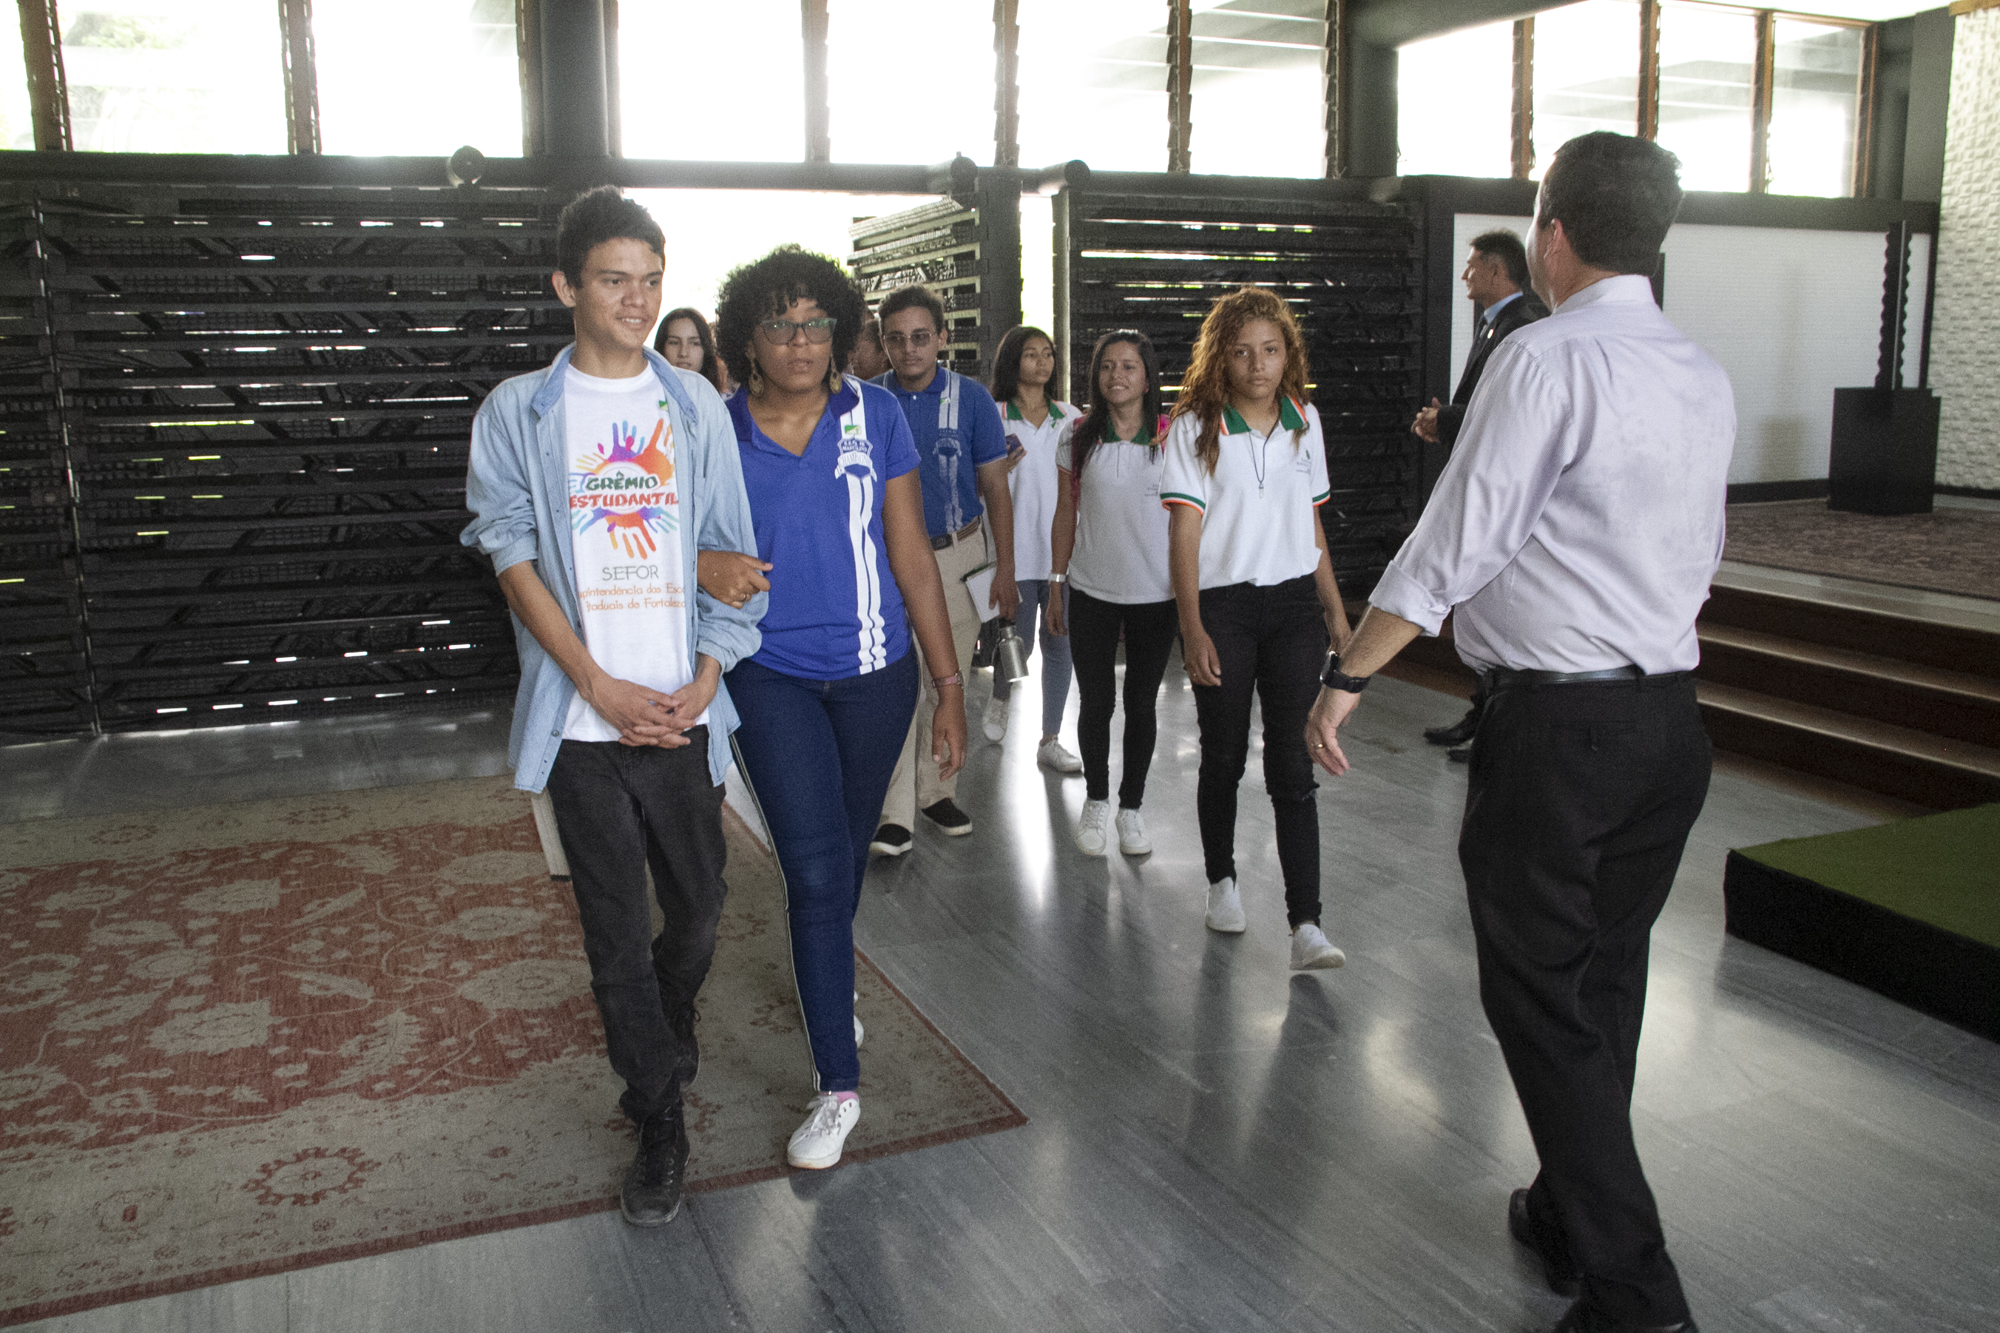 Estudantes da EEMTI Marcelino Champagnat em visita ao Palácio da Abolição